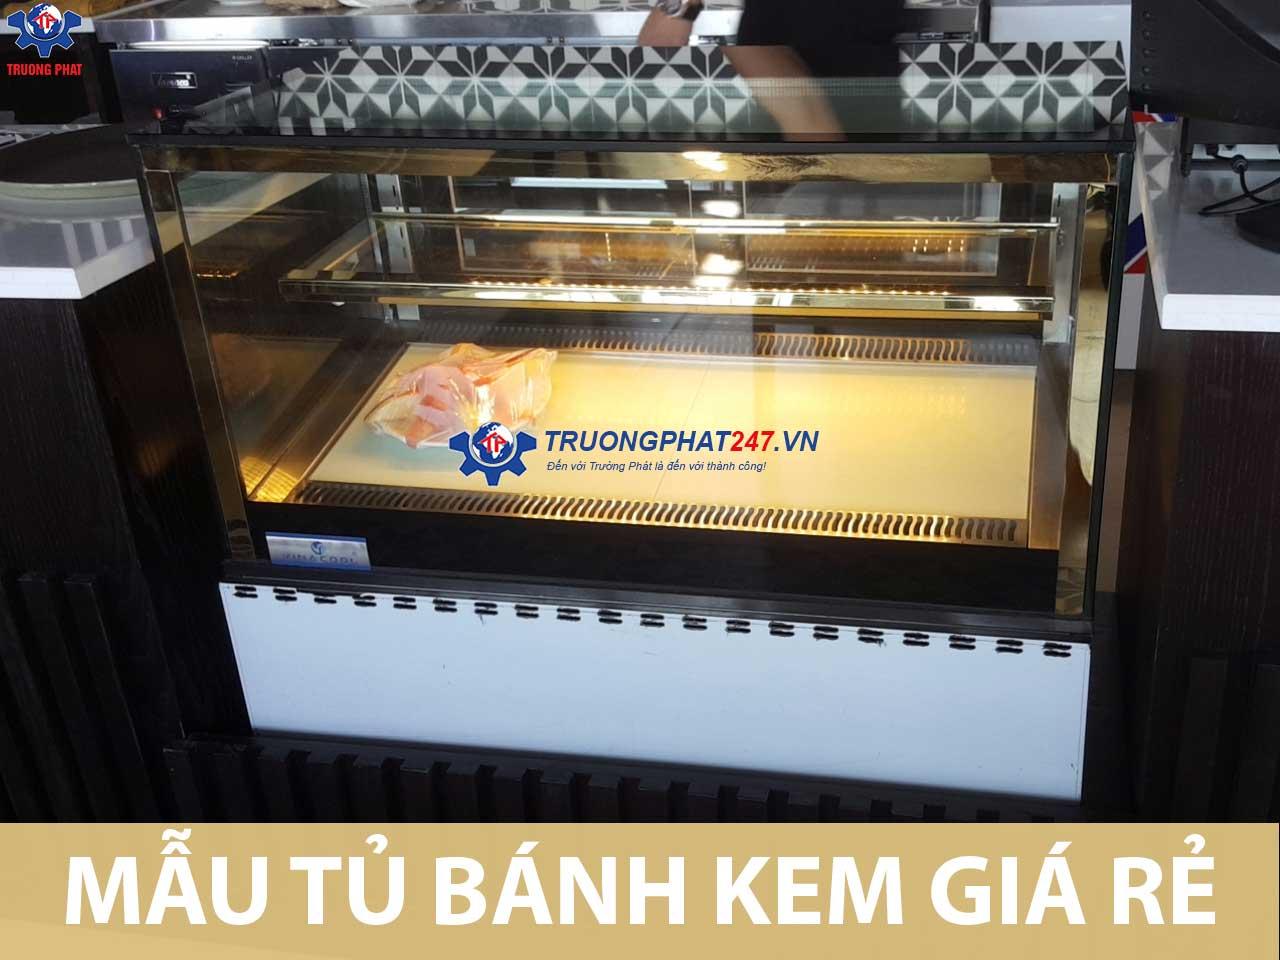 Những mẫu tủ bánh kem giá rẻ không thể bỏ qua